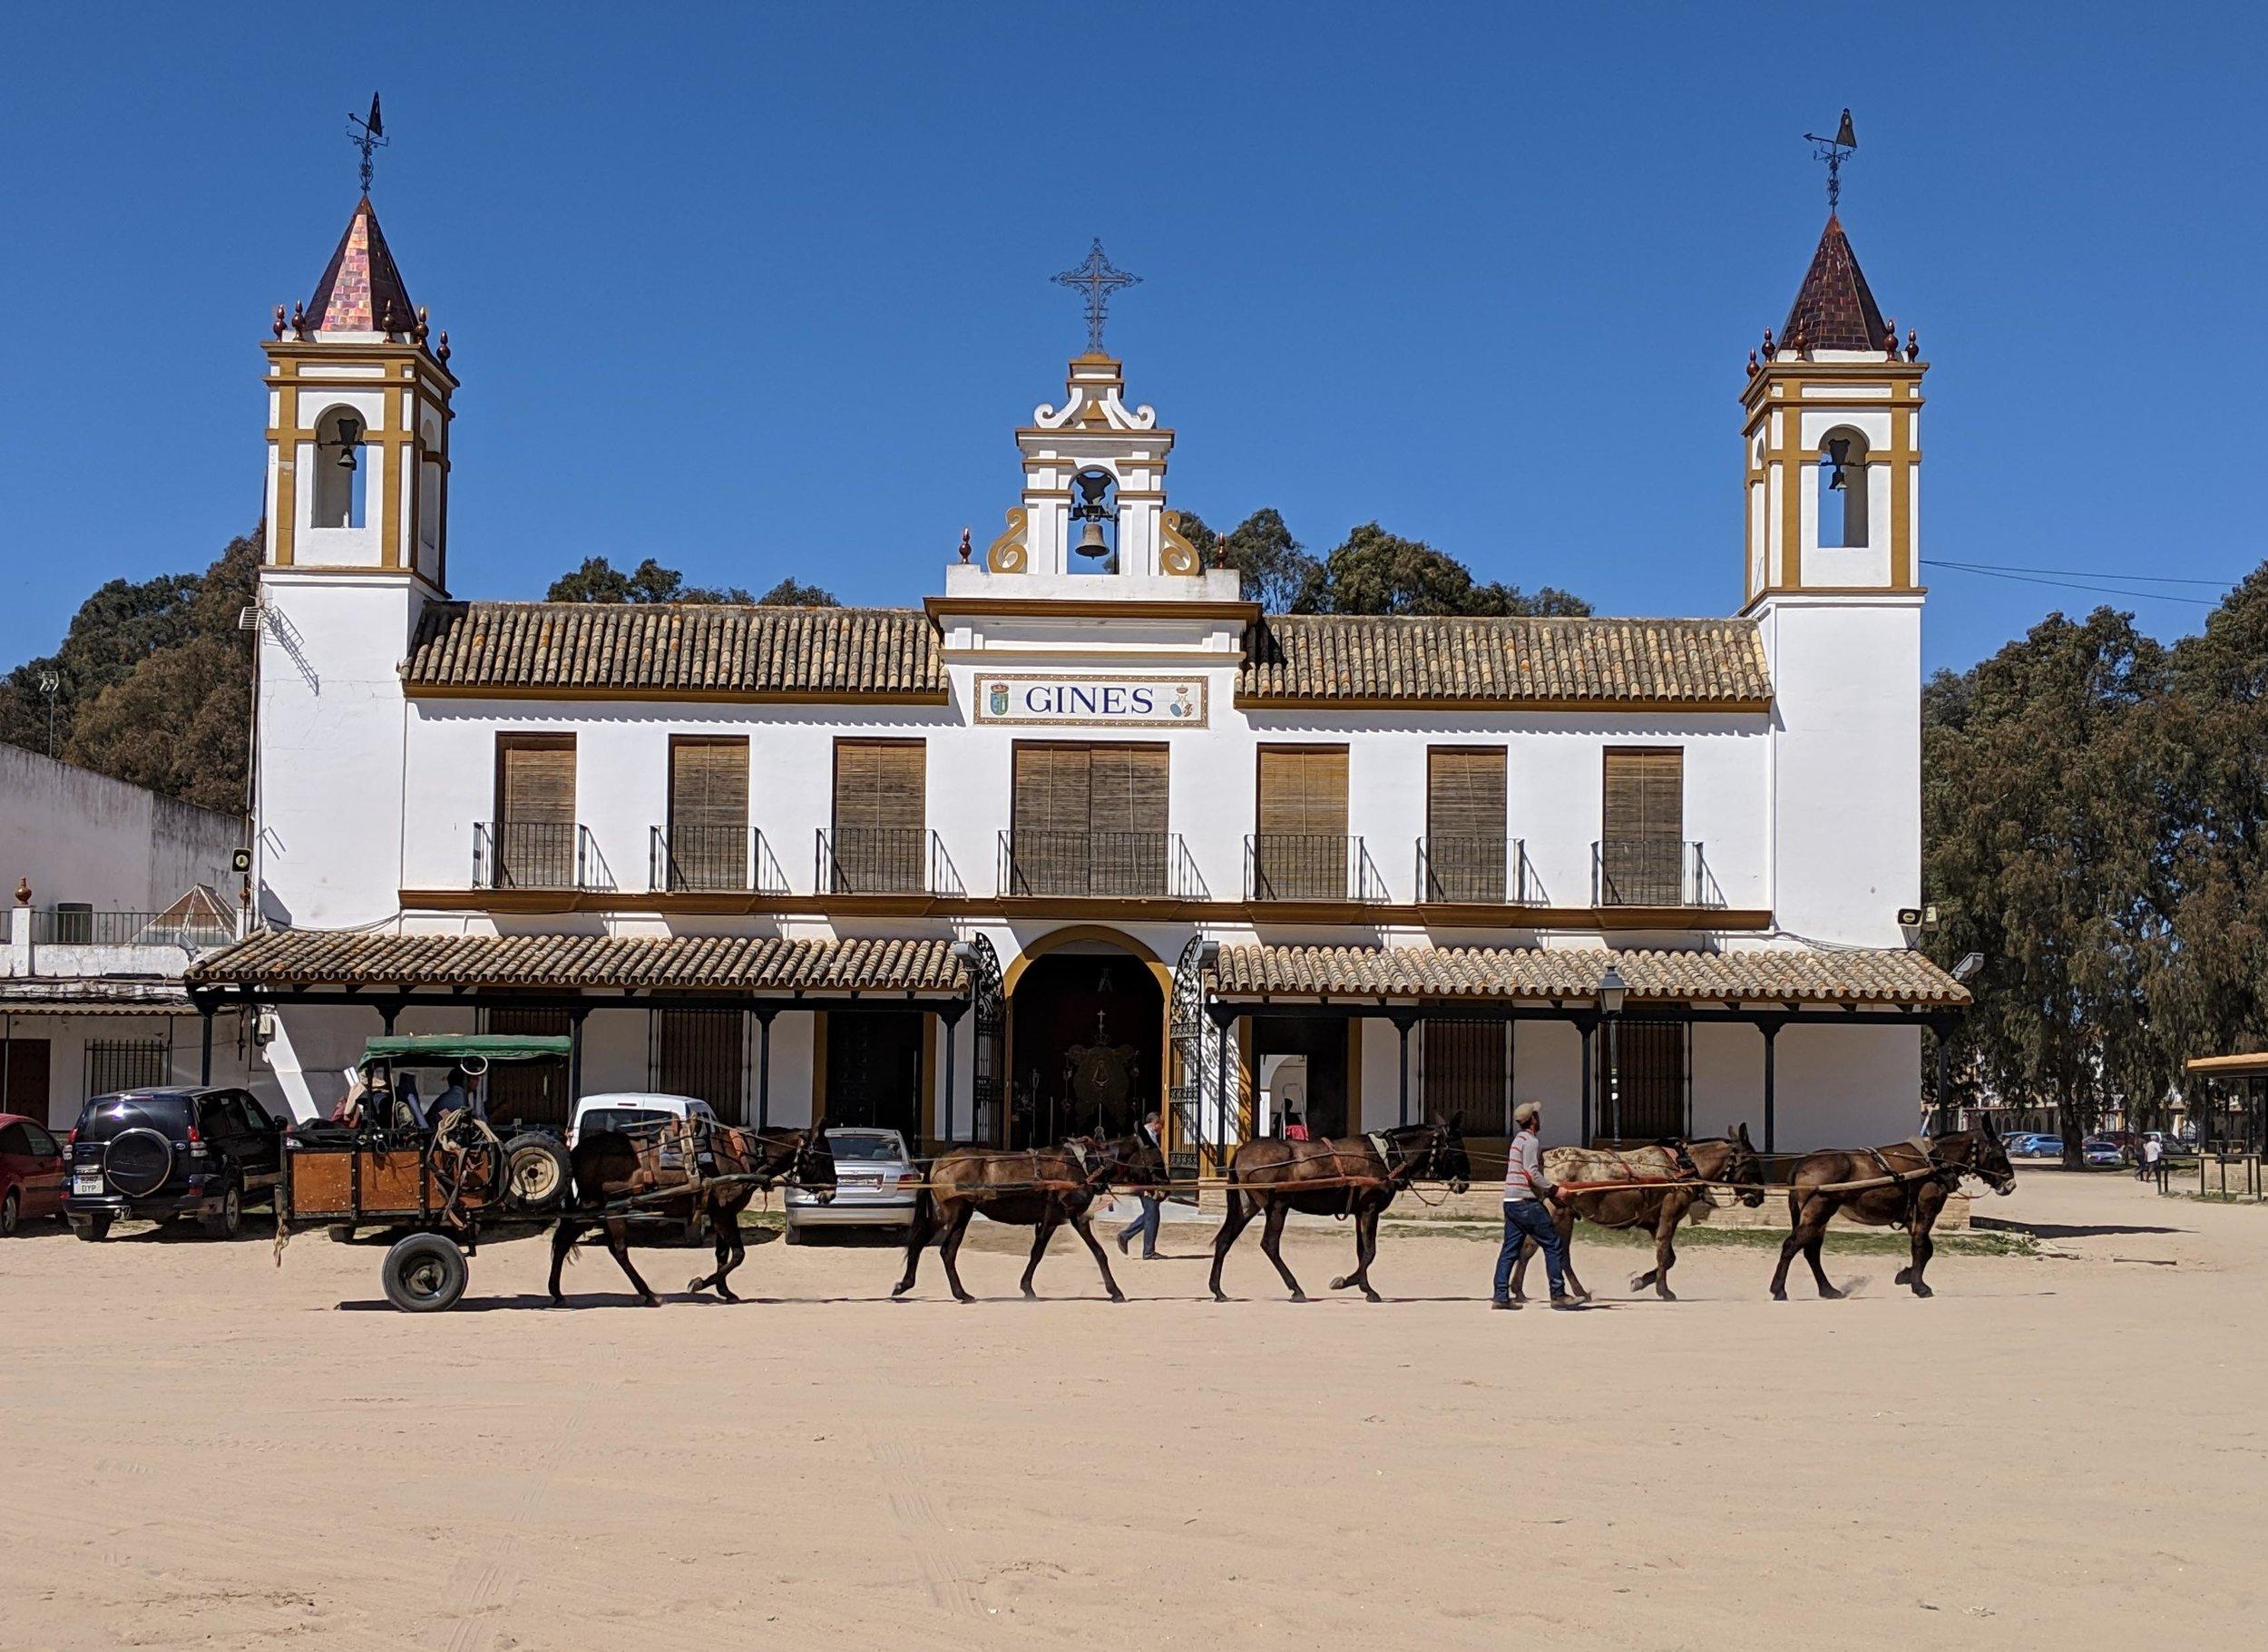 Hermandad Gines, El Rocio Spain.jpg